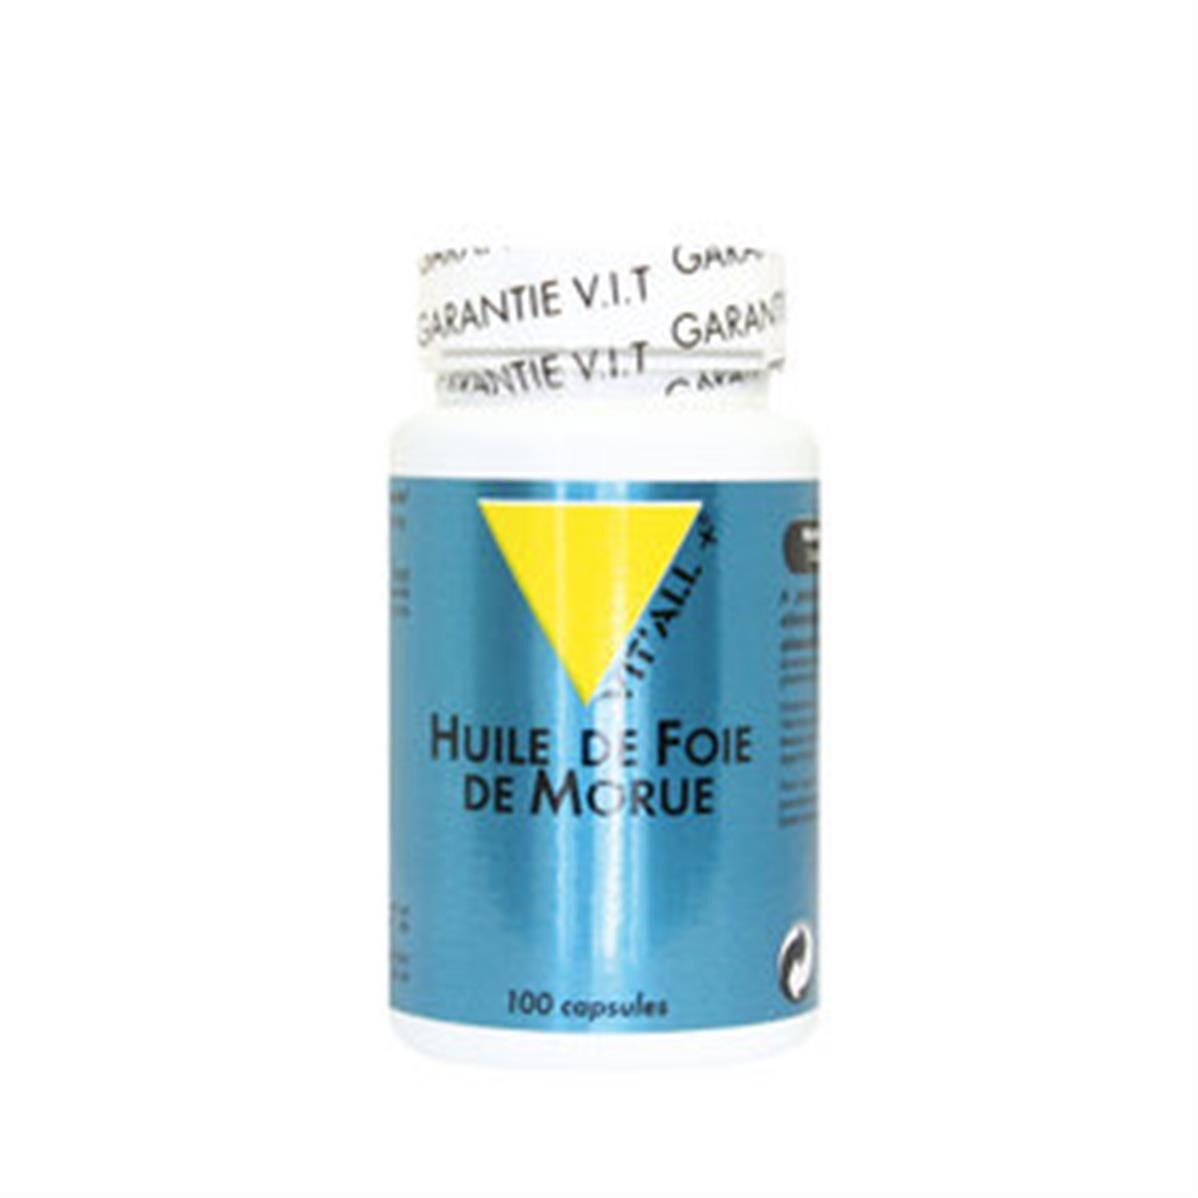 Vit'all+ Huile de Foie de Morue source naturelle de vitamines A et D